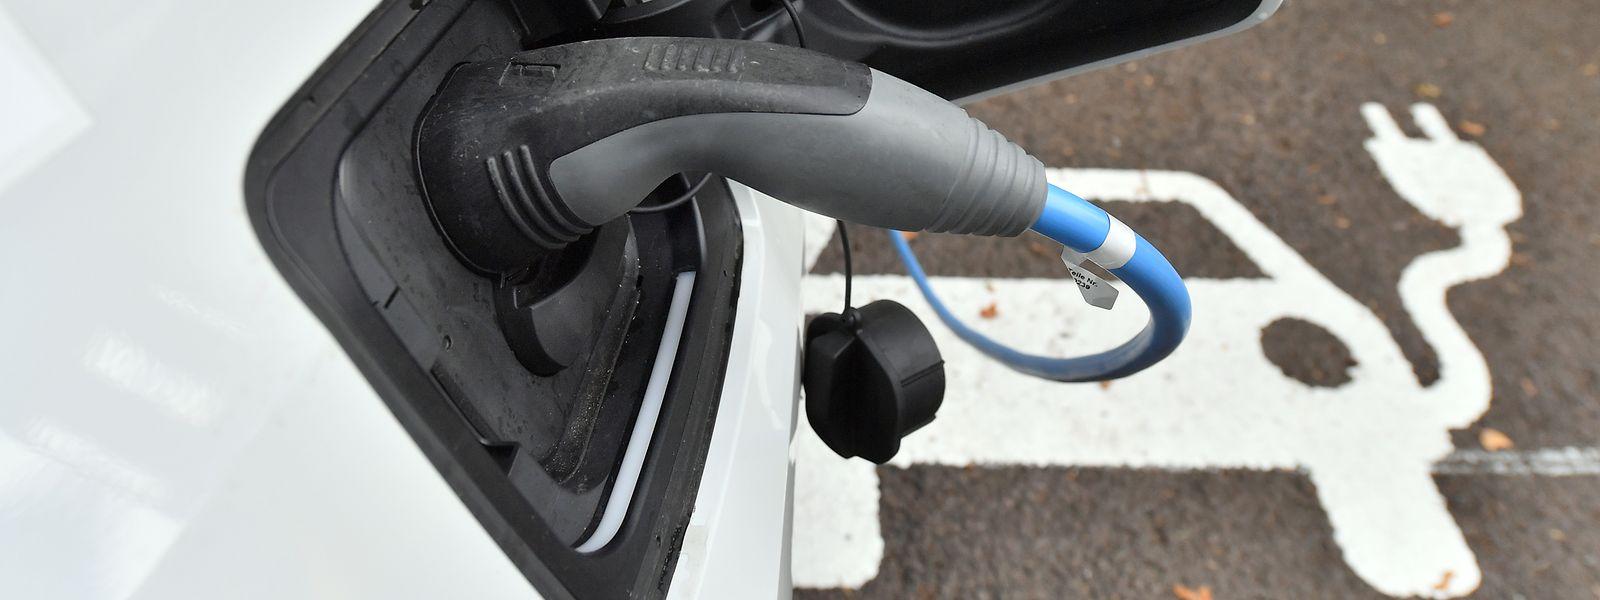 Dank steuerlicher Anreize wächst der E-Auto-Anteil in Luxemburg.